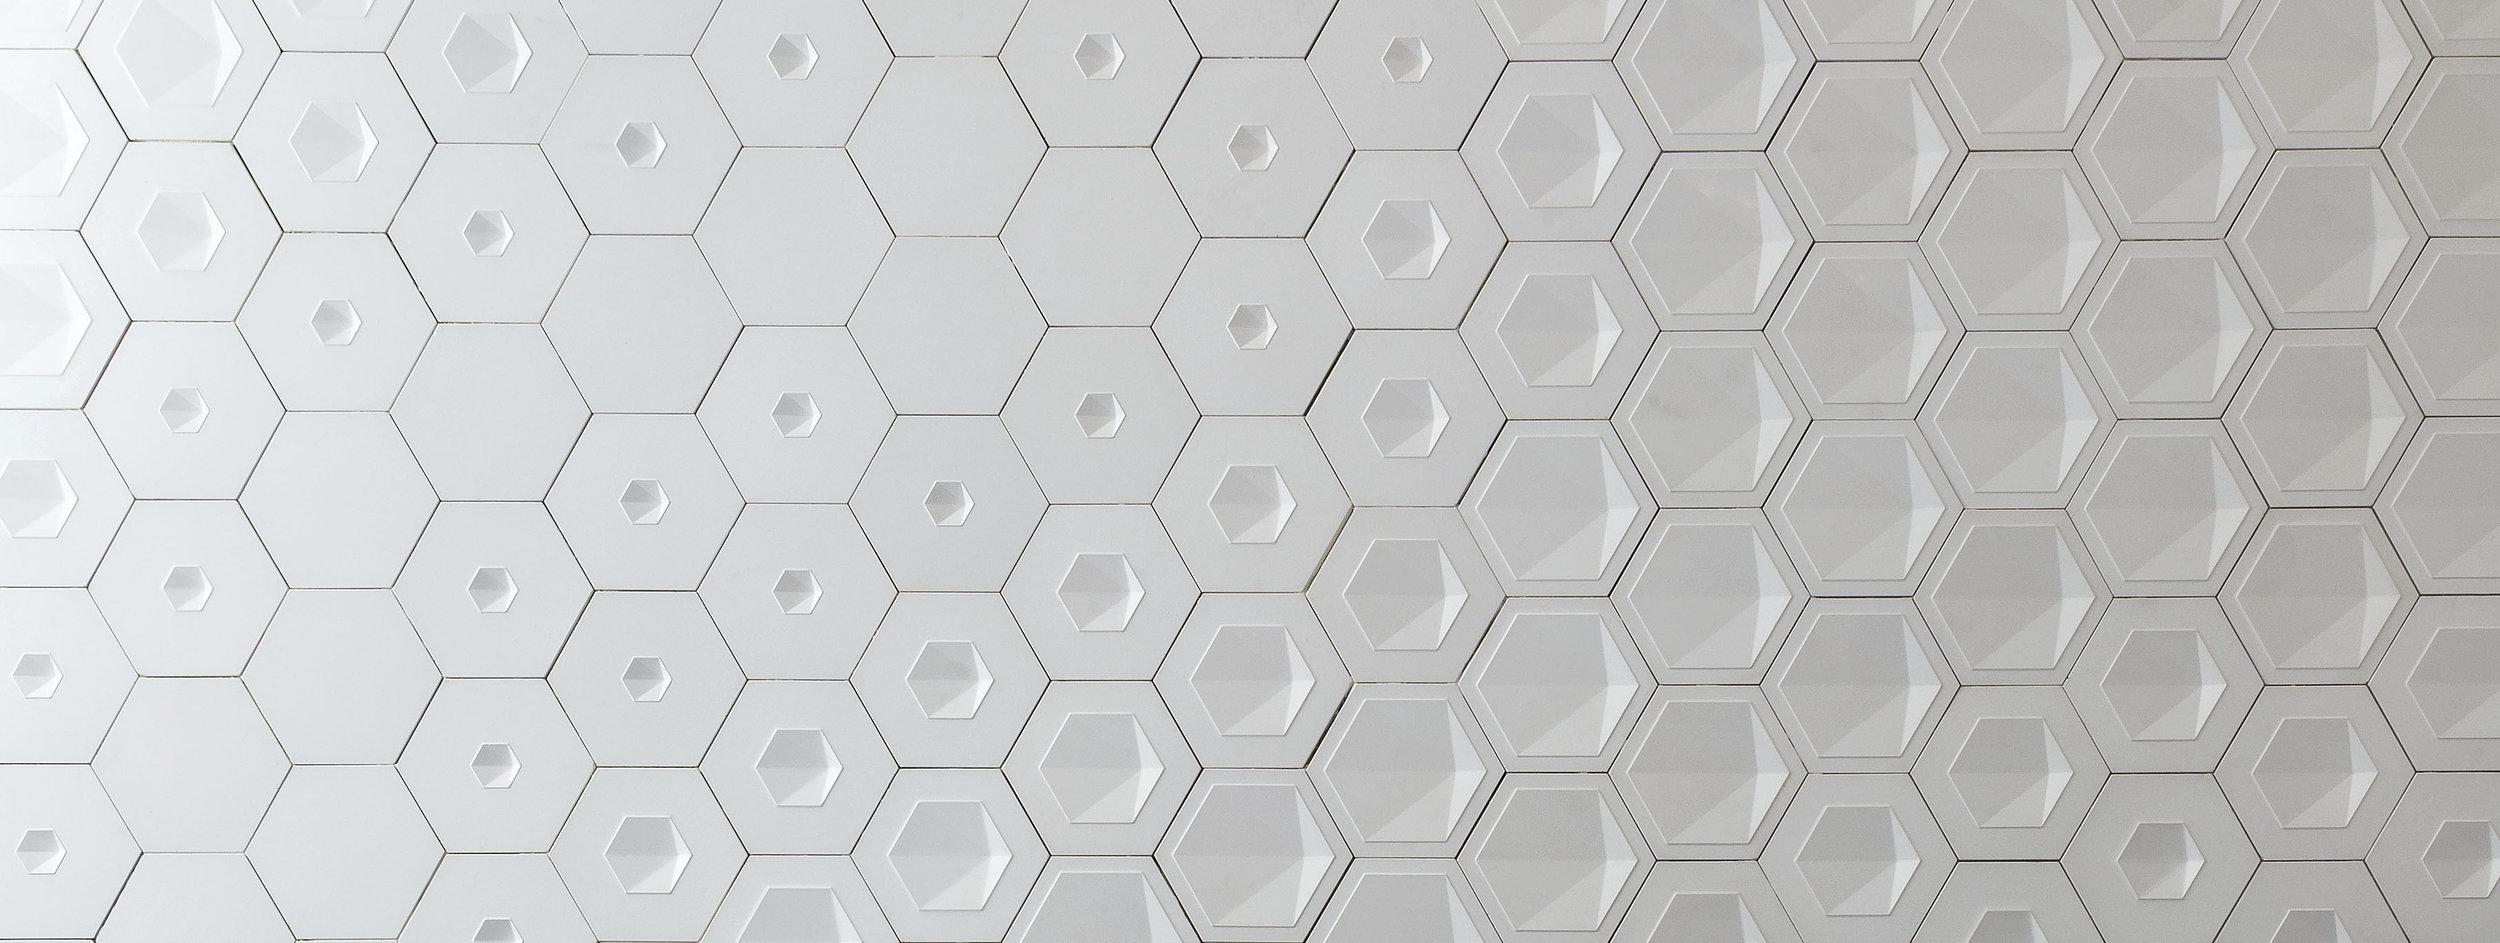 pixel fernanda marques detalhe.jpg